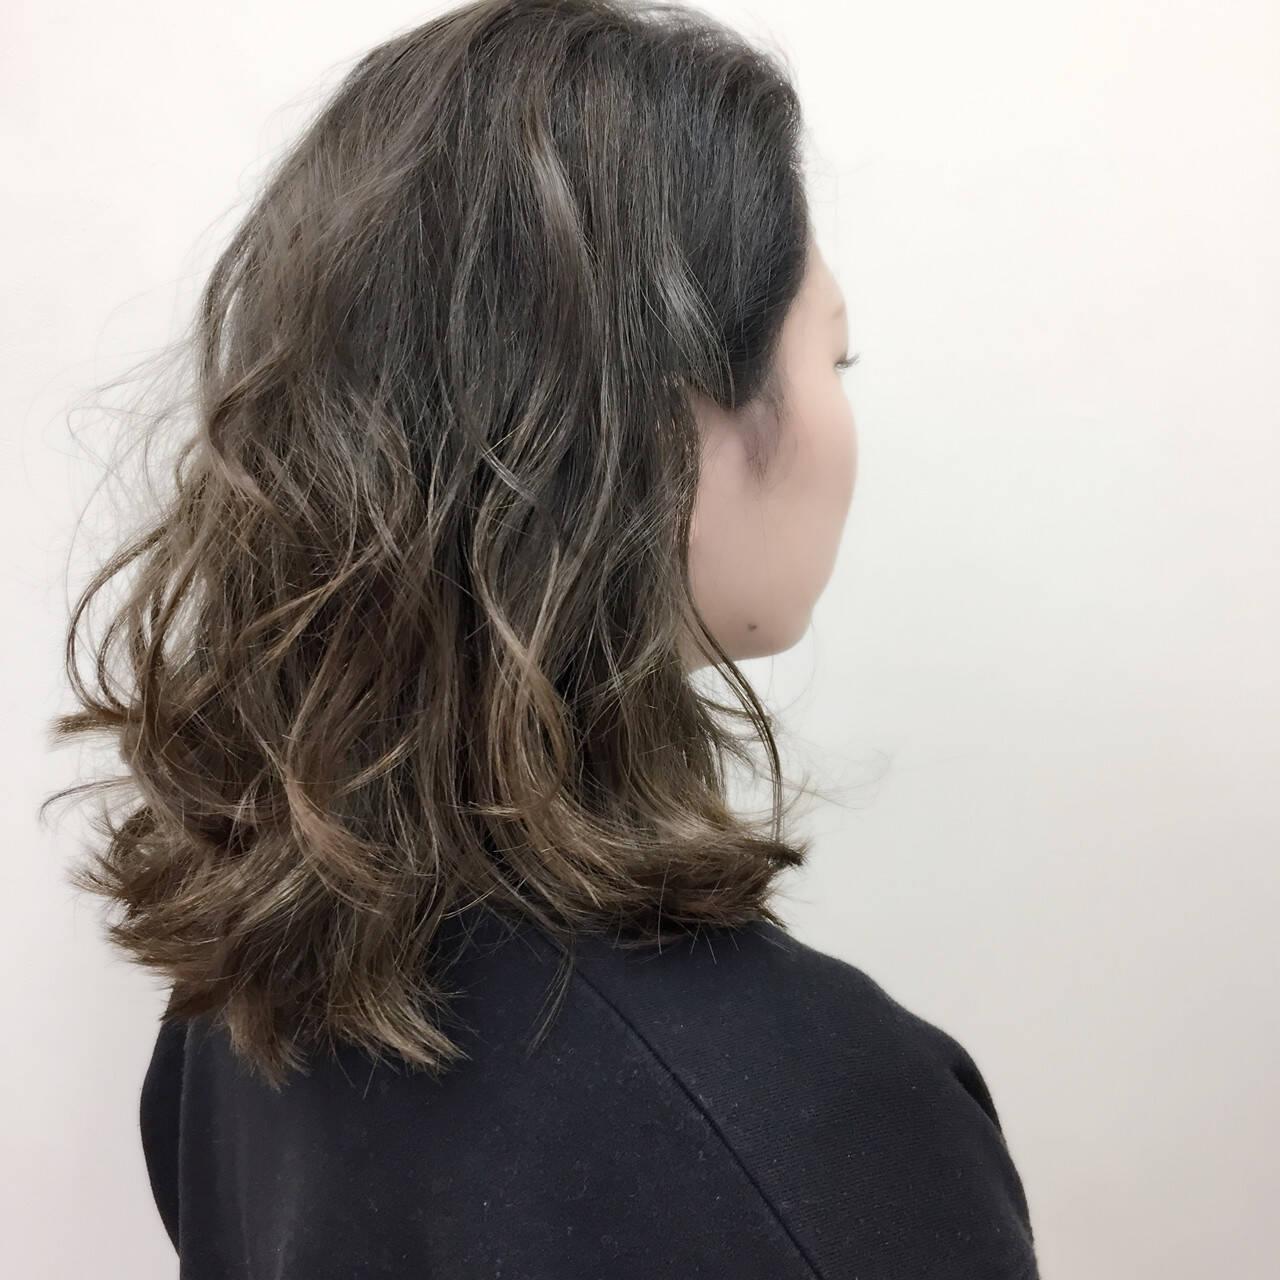 グラデーションカラー 外国人風カラー エレガント 大人かわいいヘアスタイルや髪型の写真・画像